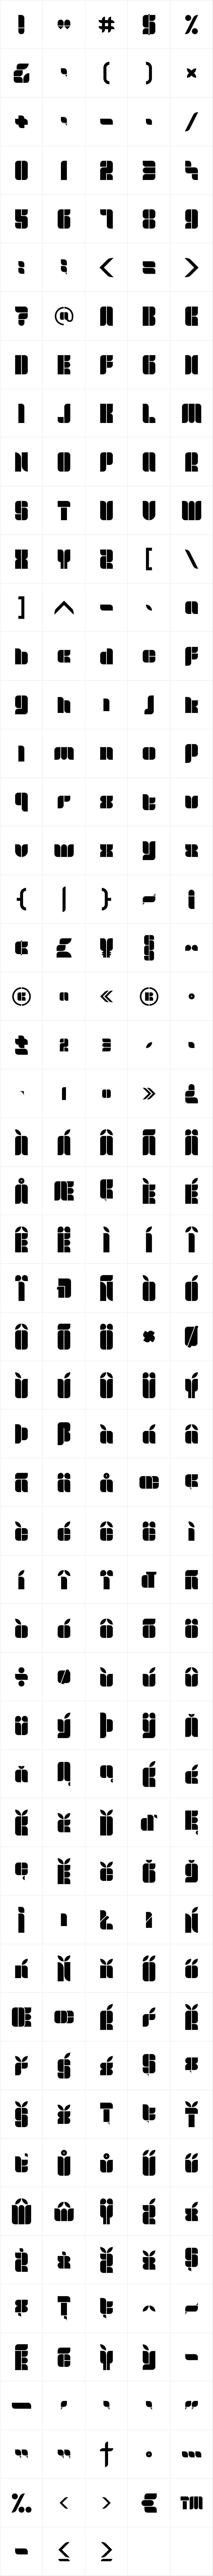 Blox Vertical